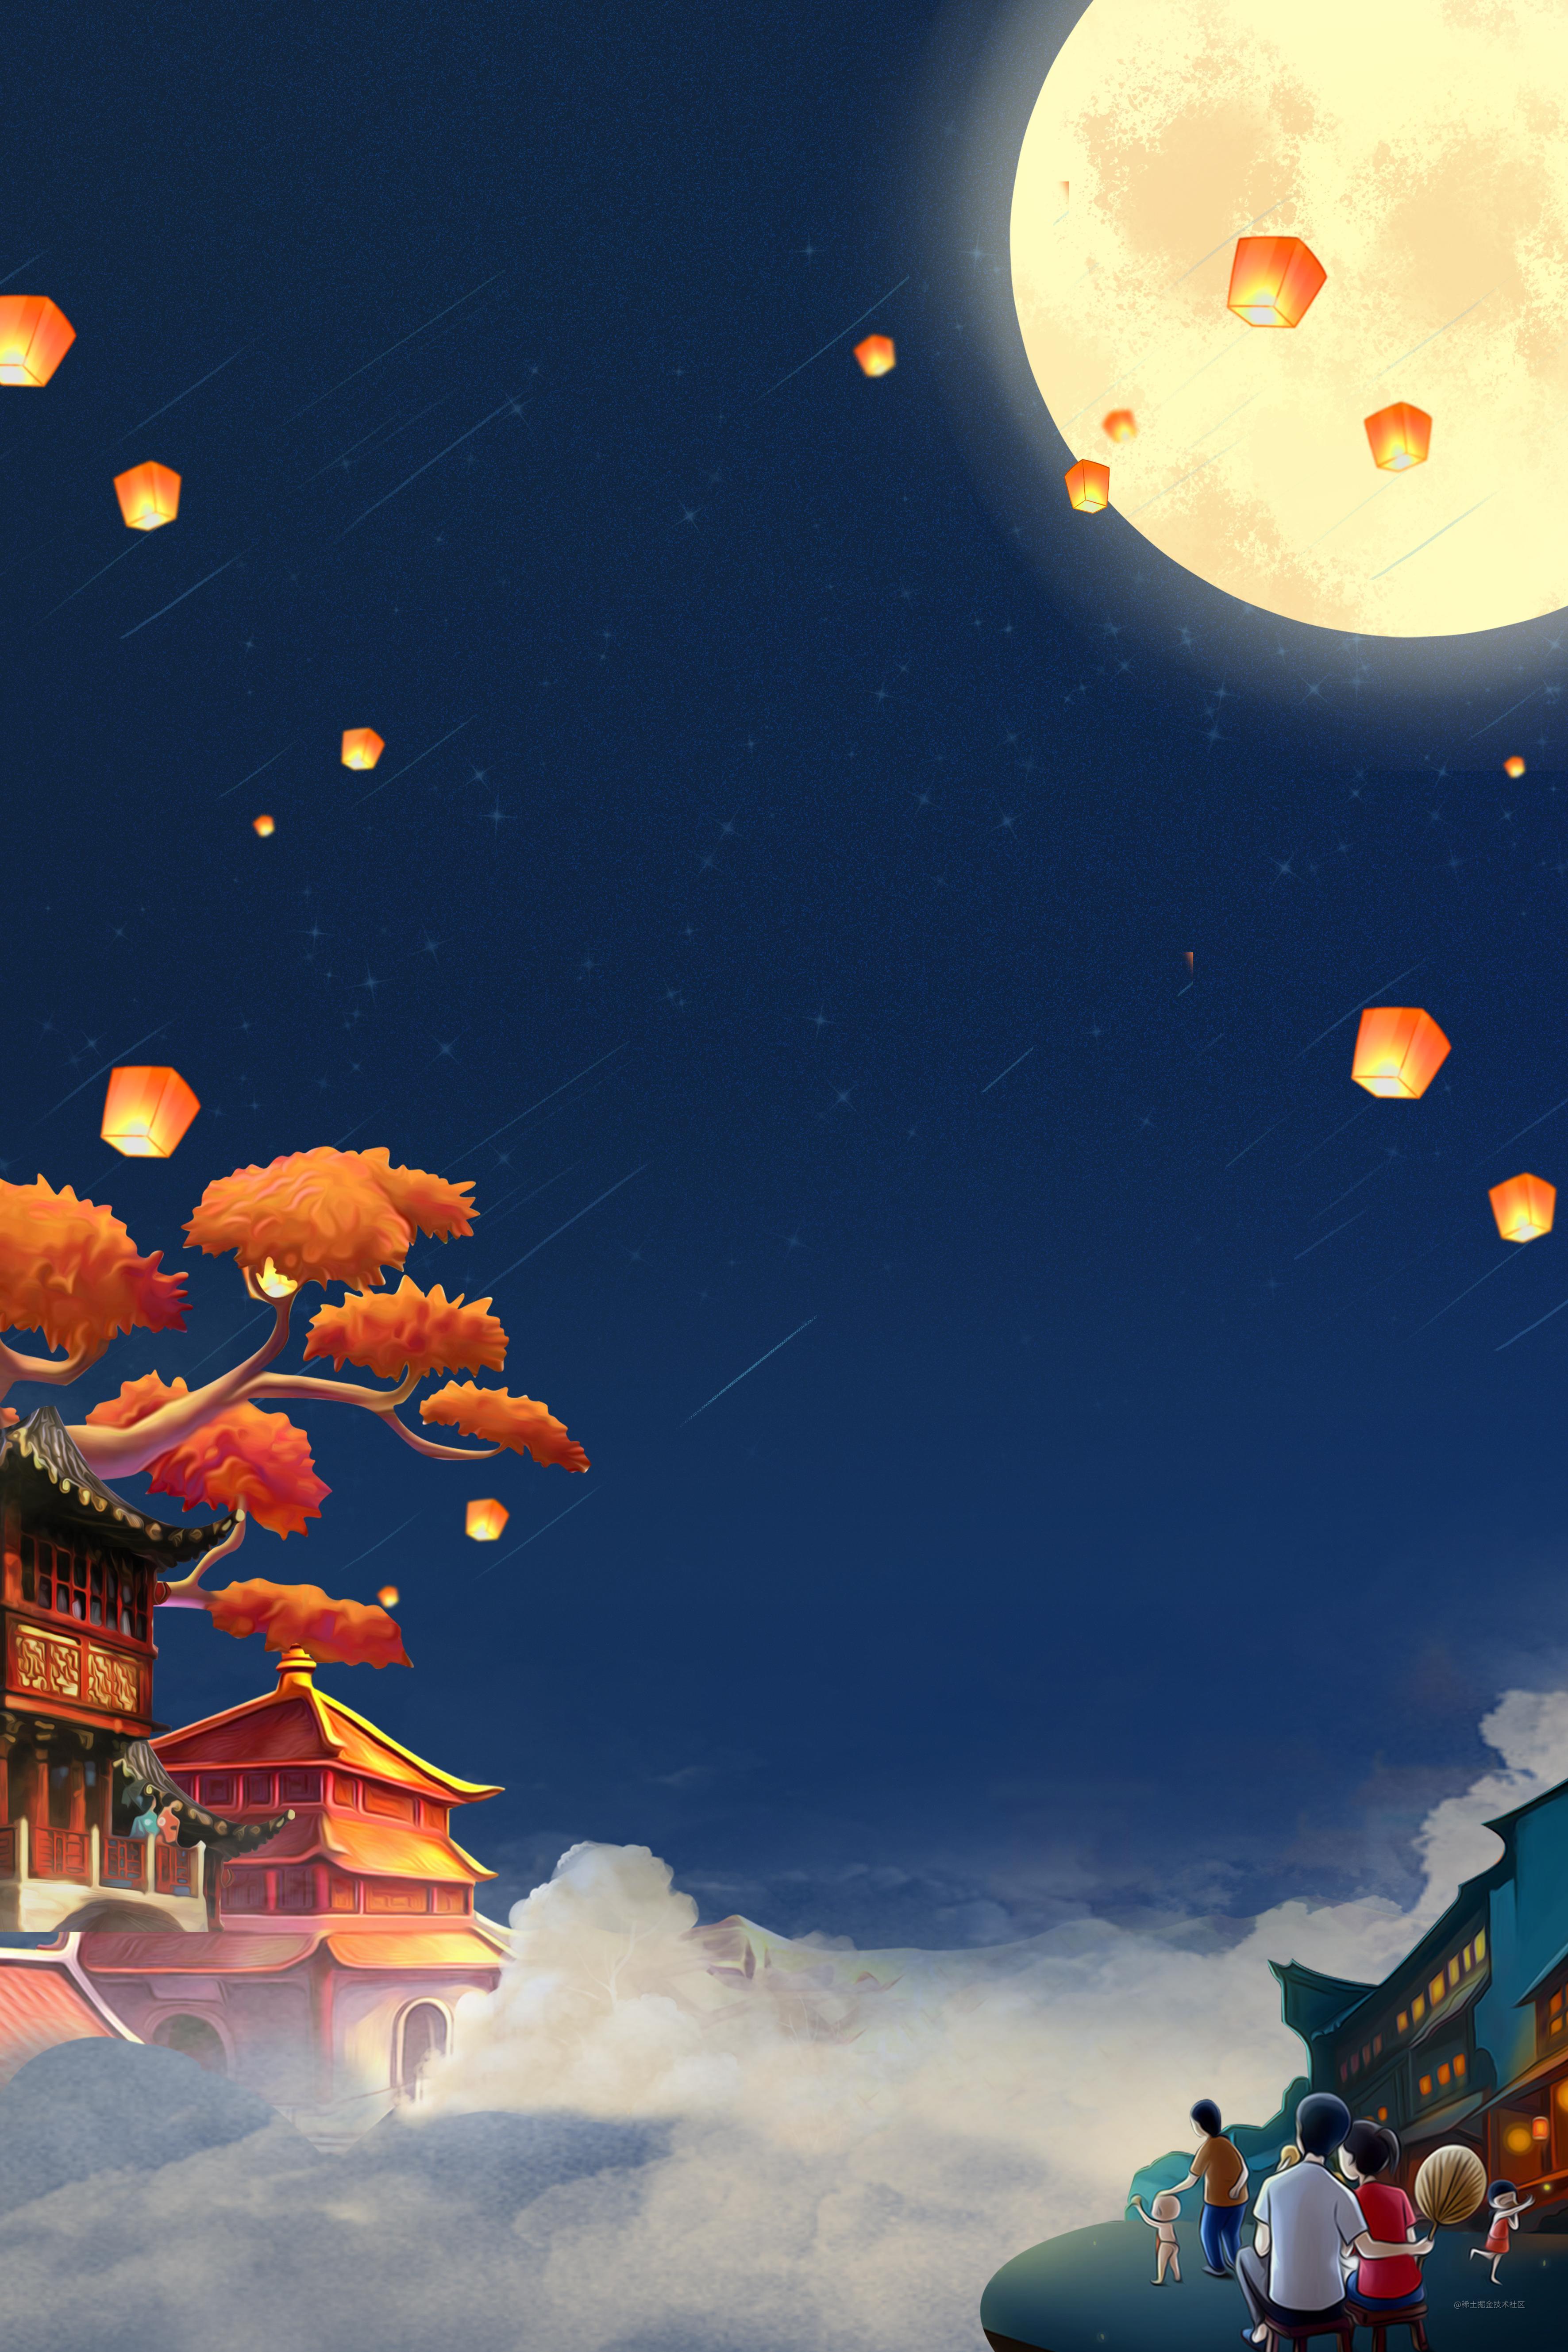 中秋节背景图.jpg